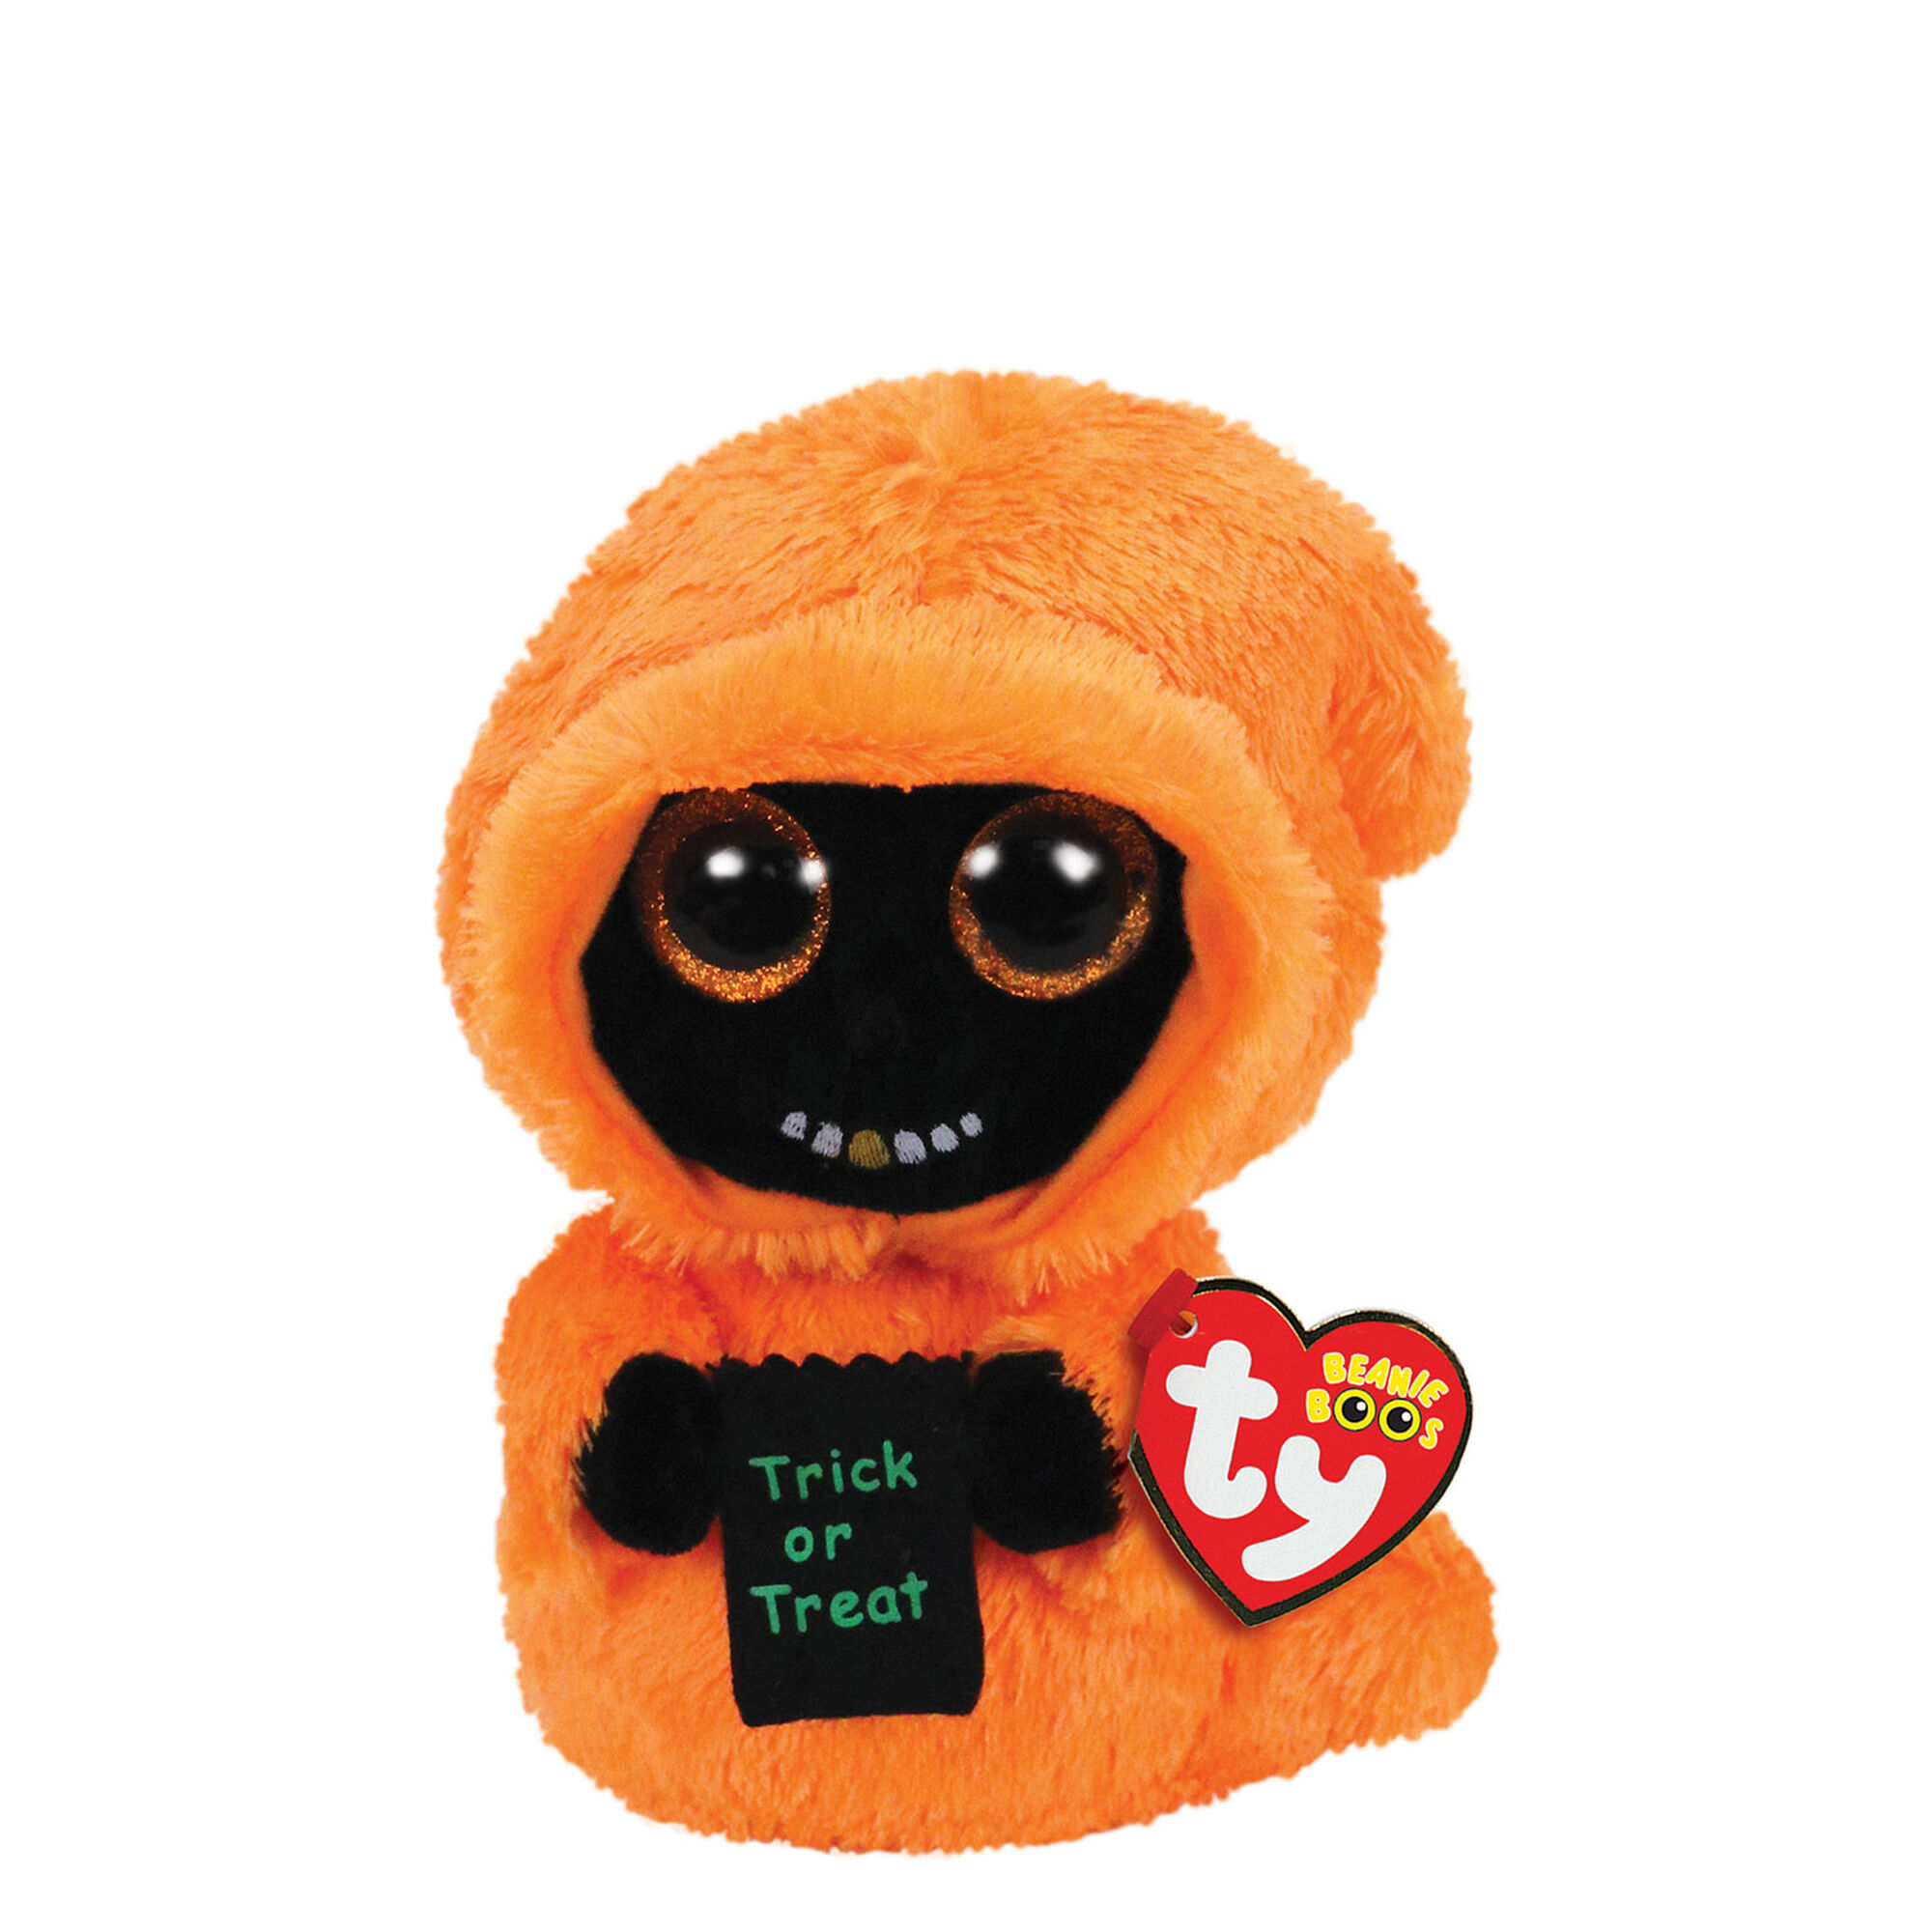 3b9a1b005e6 Ty Halloween Beanie Boos Set